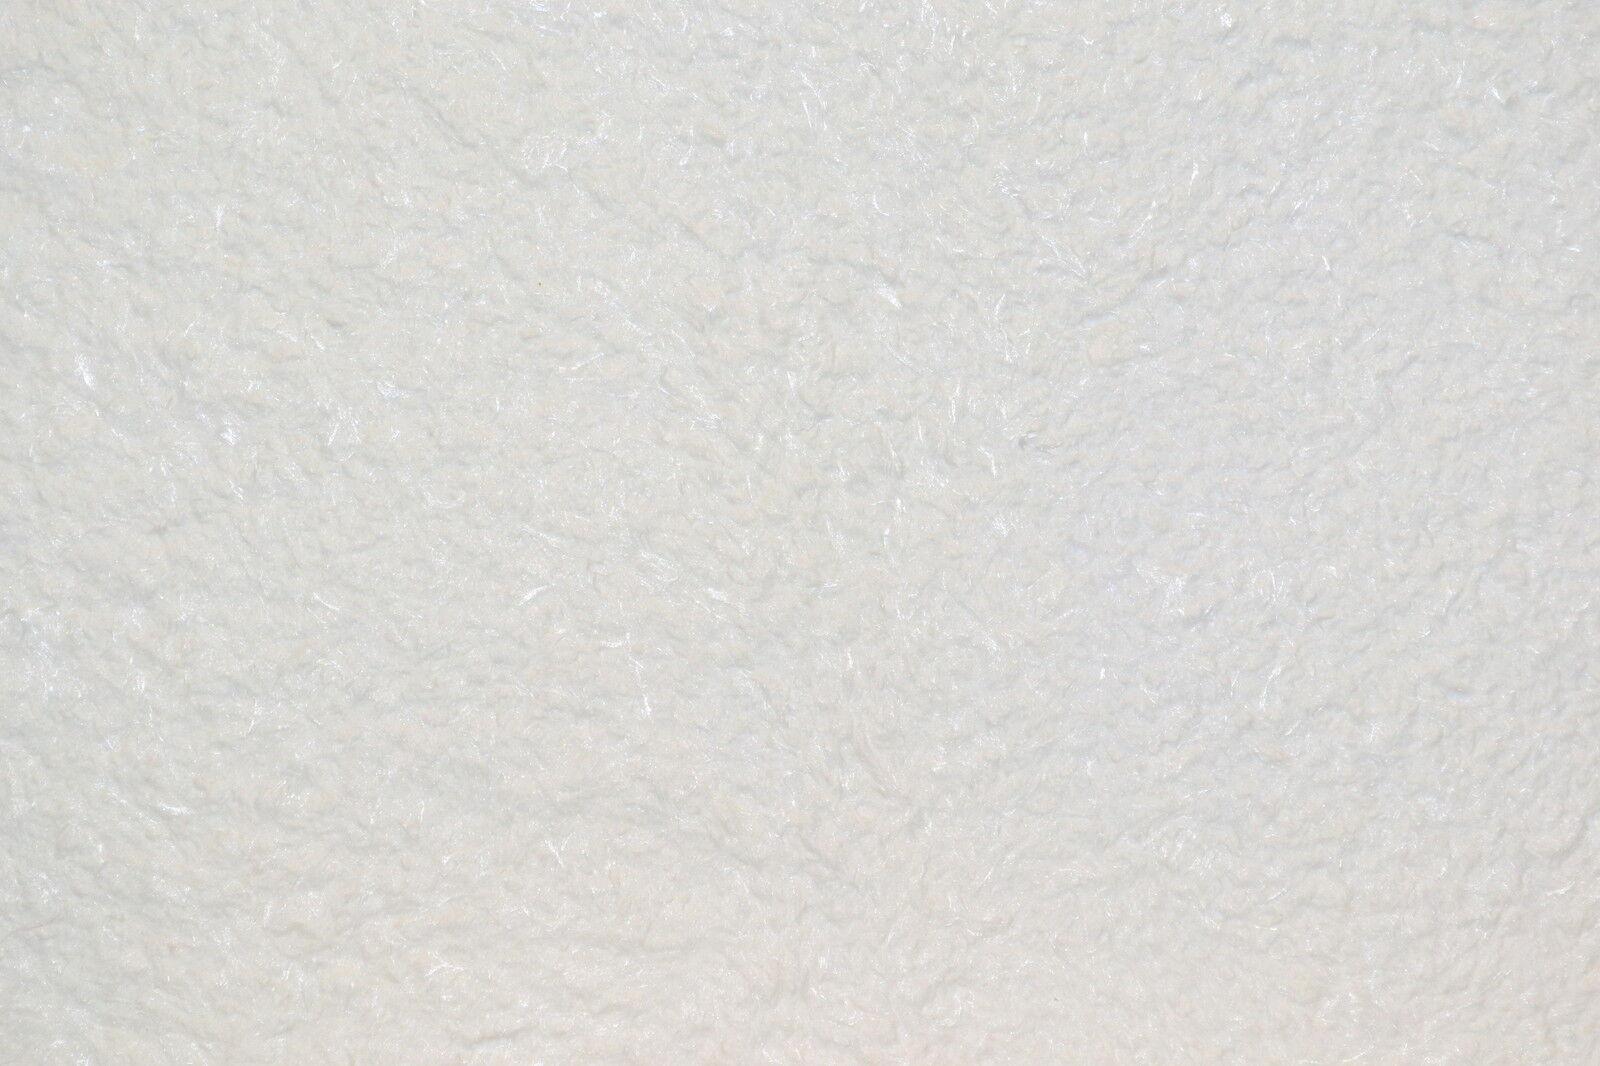 BAUMWOLLPUTZ FLÜSSIGTAPETE WEISS Weiß Optima 051 (3,228€/qm)